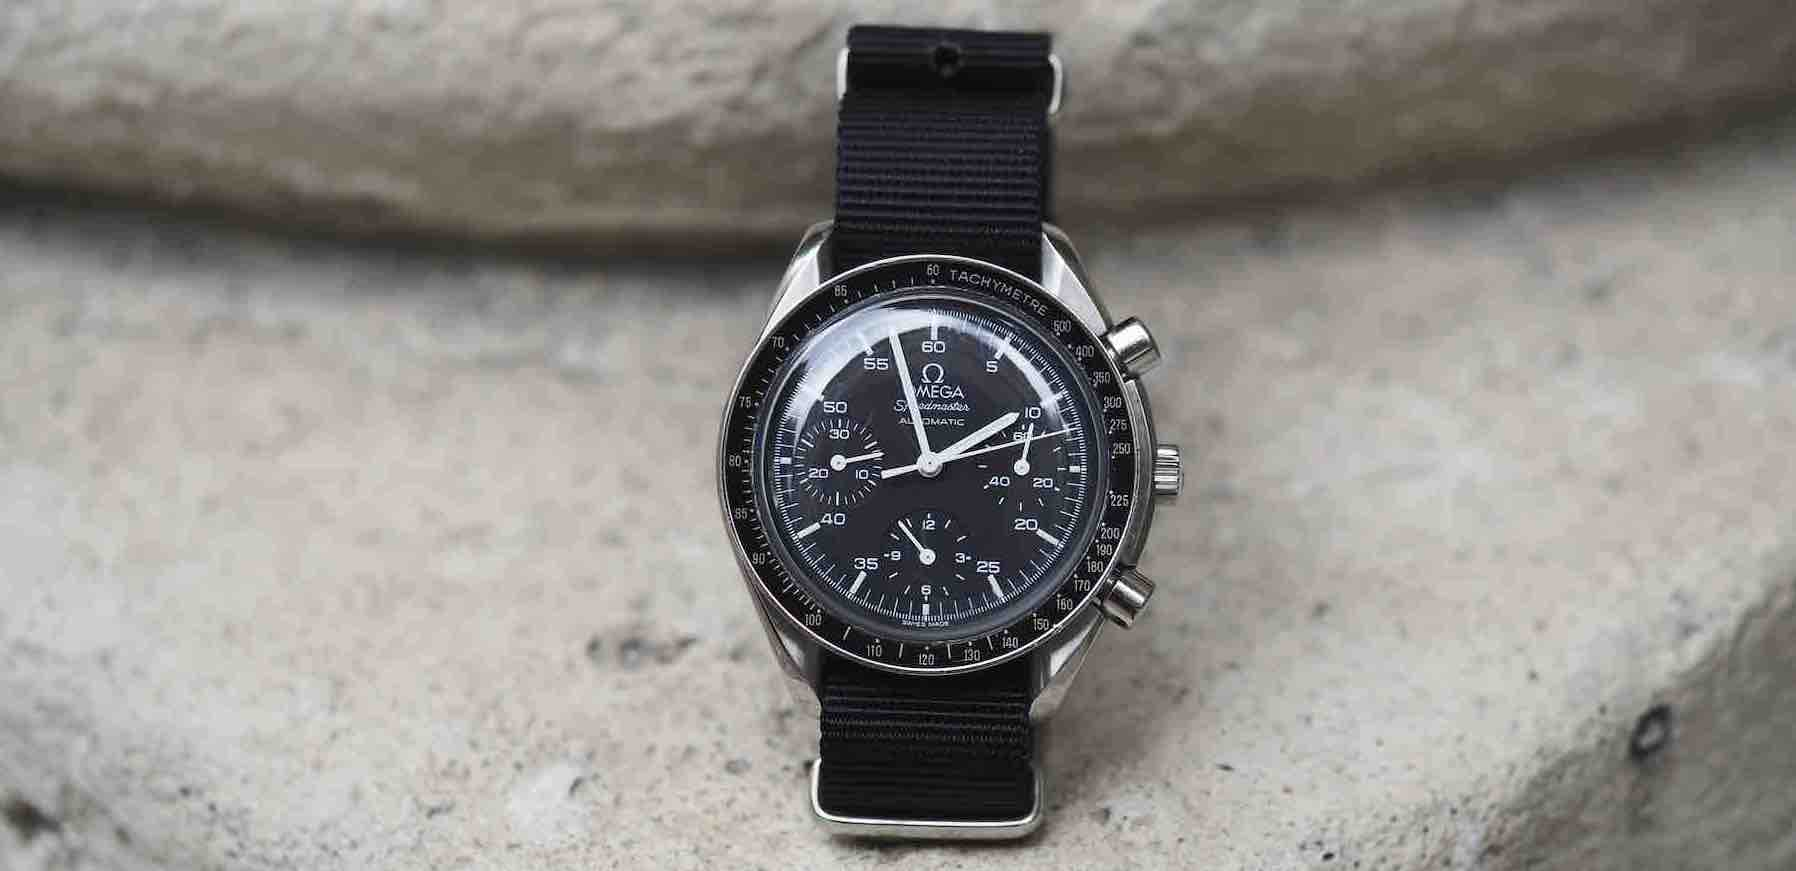 montre vintage de marque omega